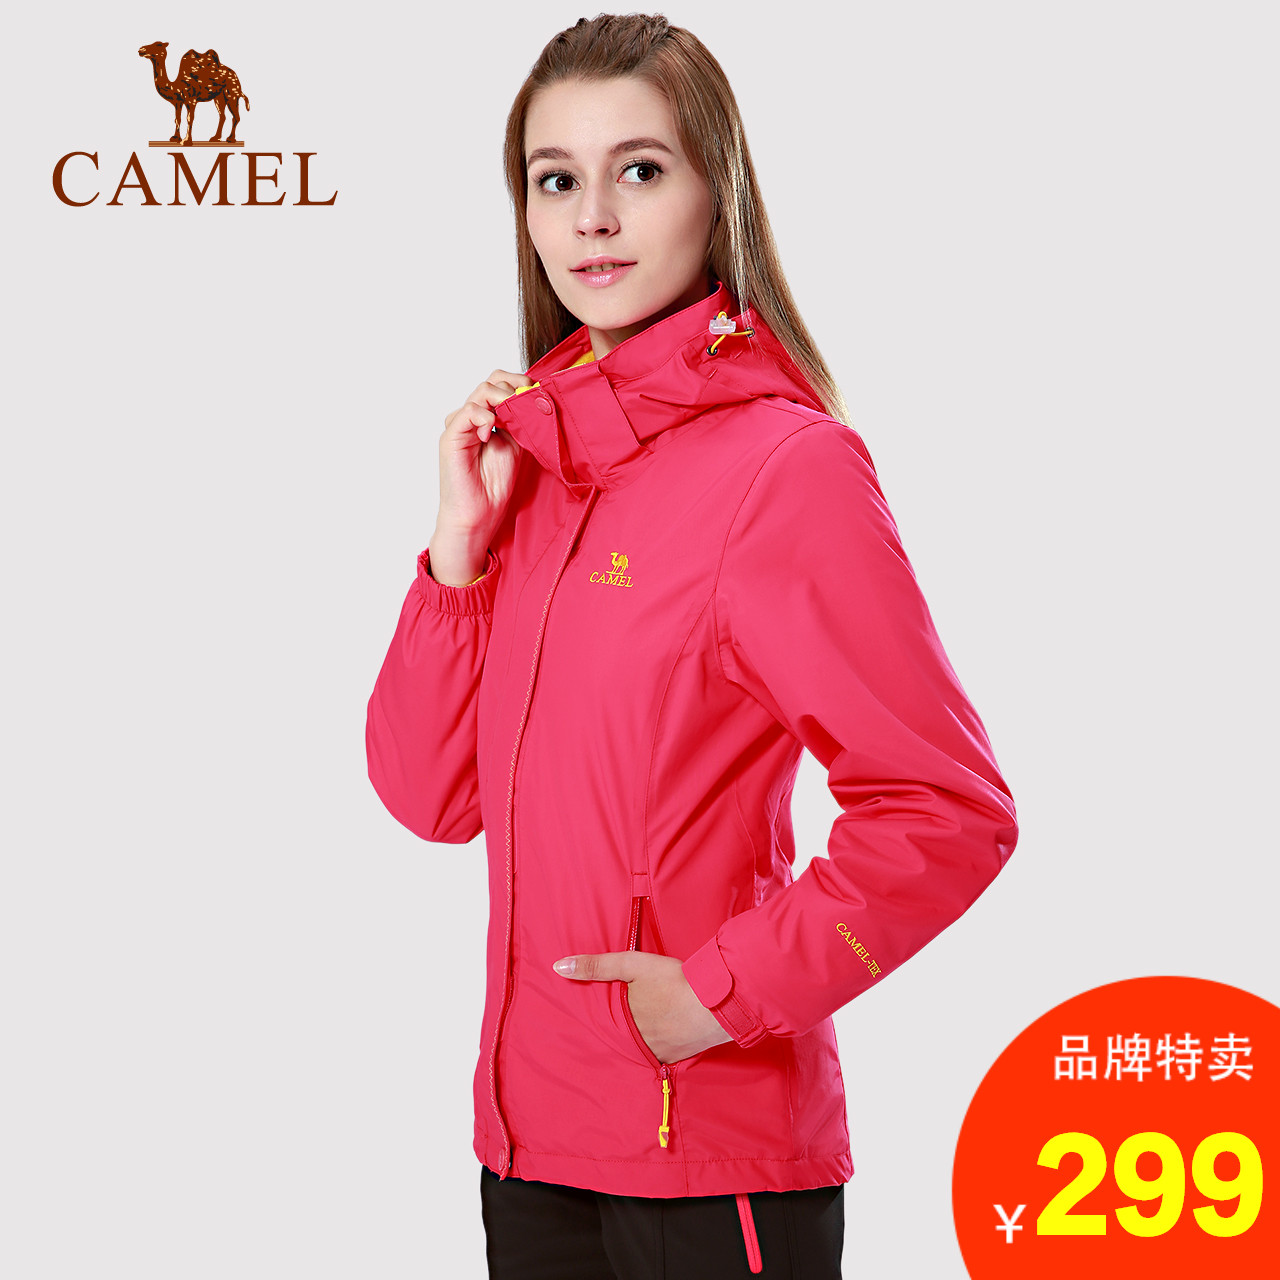 骆驼户外三合一两件套防风防水登山服秋冬保暖御寒外套冲锋衣男女